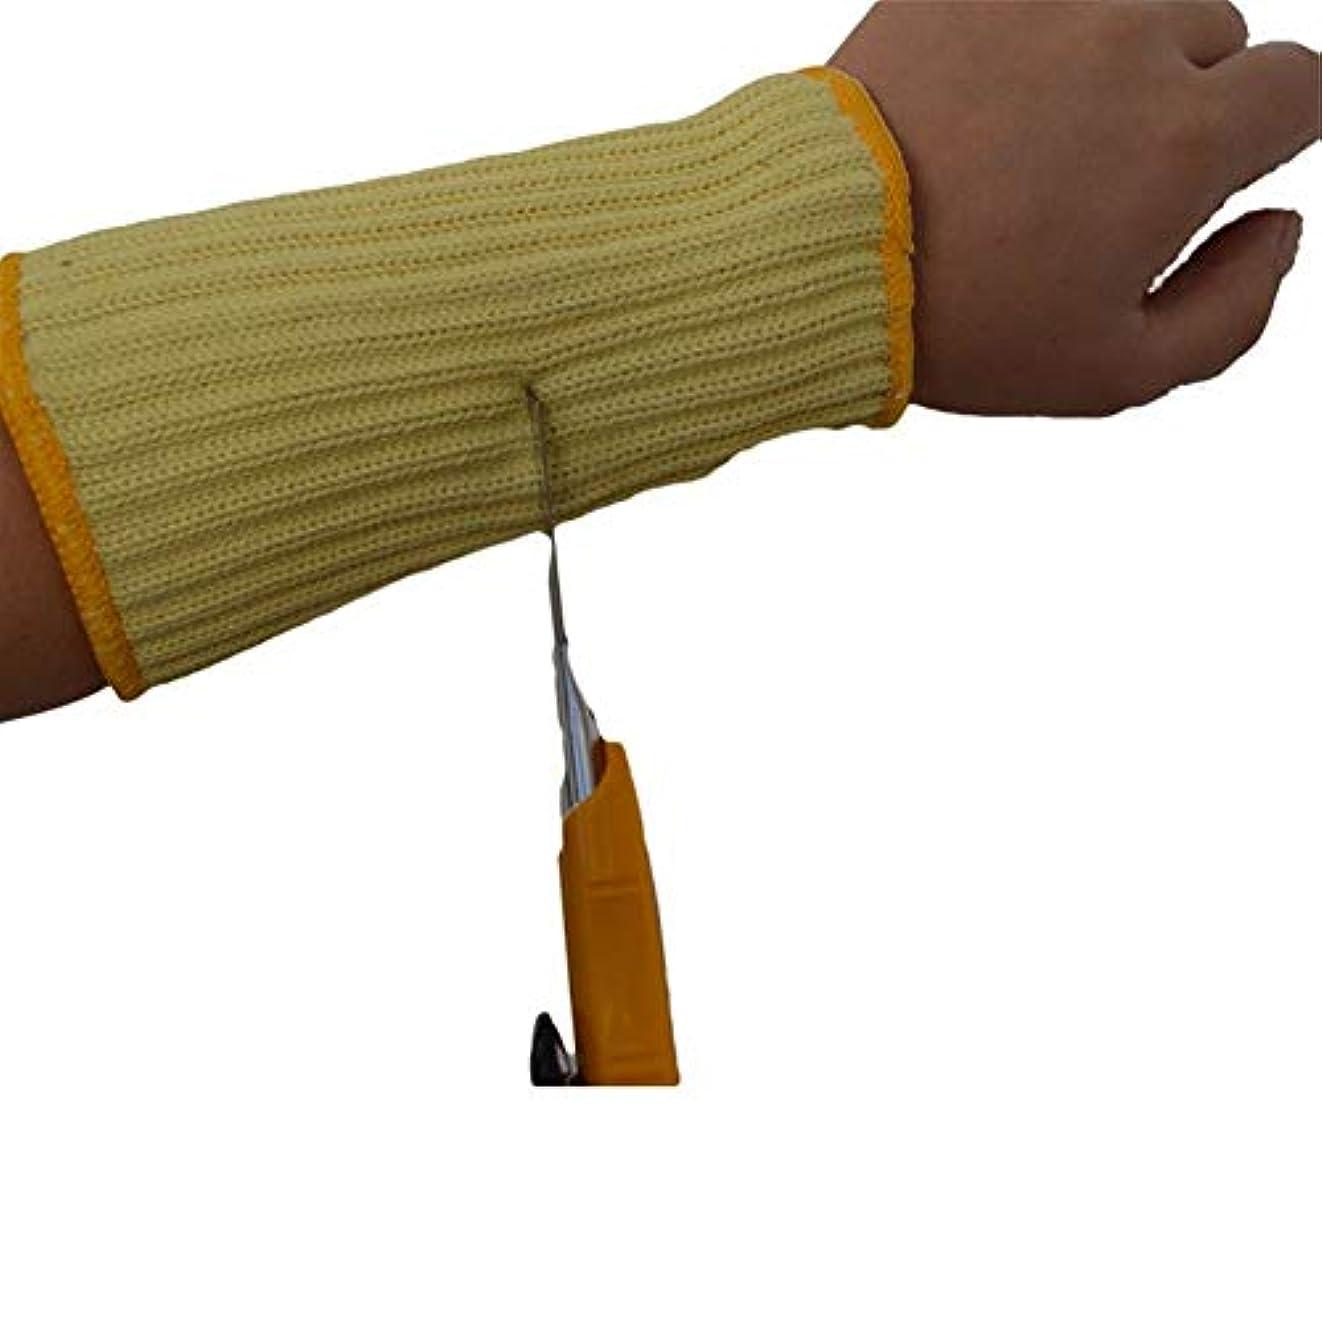 州密輸対人Guomao レベル5カット防止腕リストバンド黄色アラミド工場ガラス工場庭自衛労働保険耐摩耗性抗切断手 (色 : 40cm)